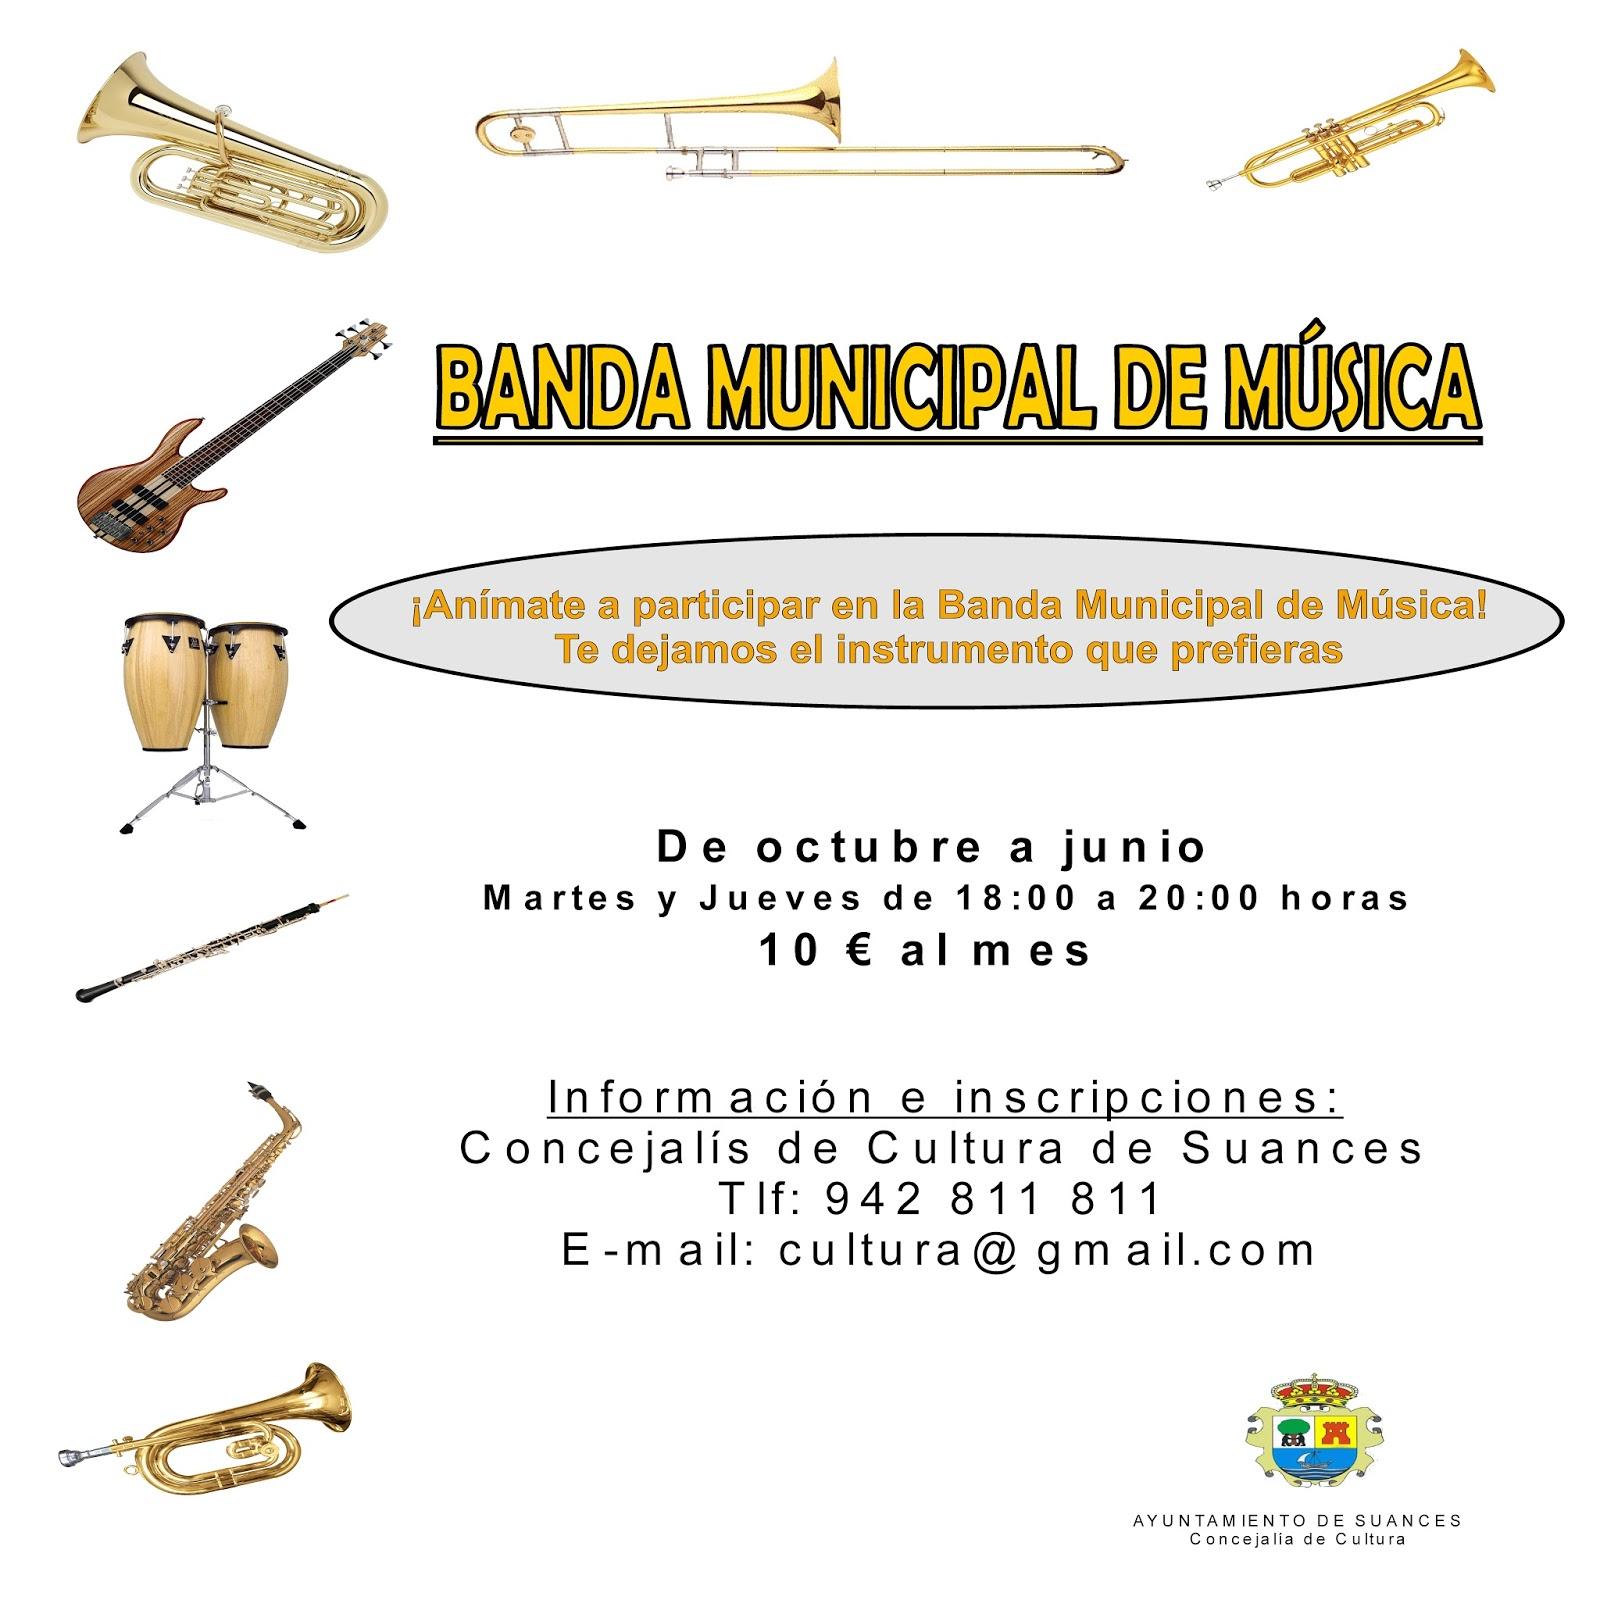 CULTURA EN SUANCES: EL TALLER MUNICIPAL DE MÚSICA Y LA BANDA ...